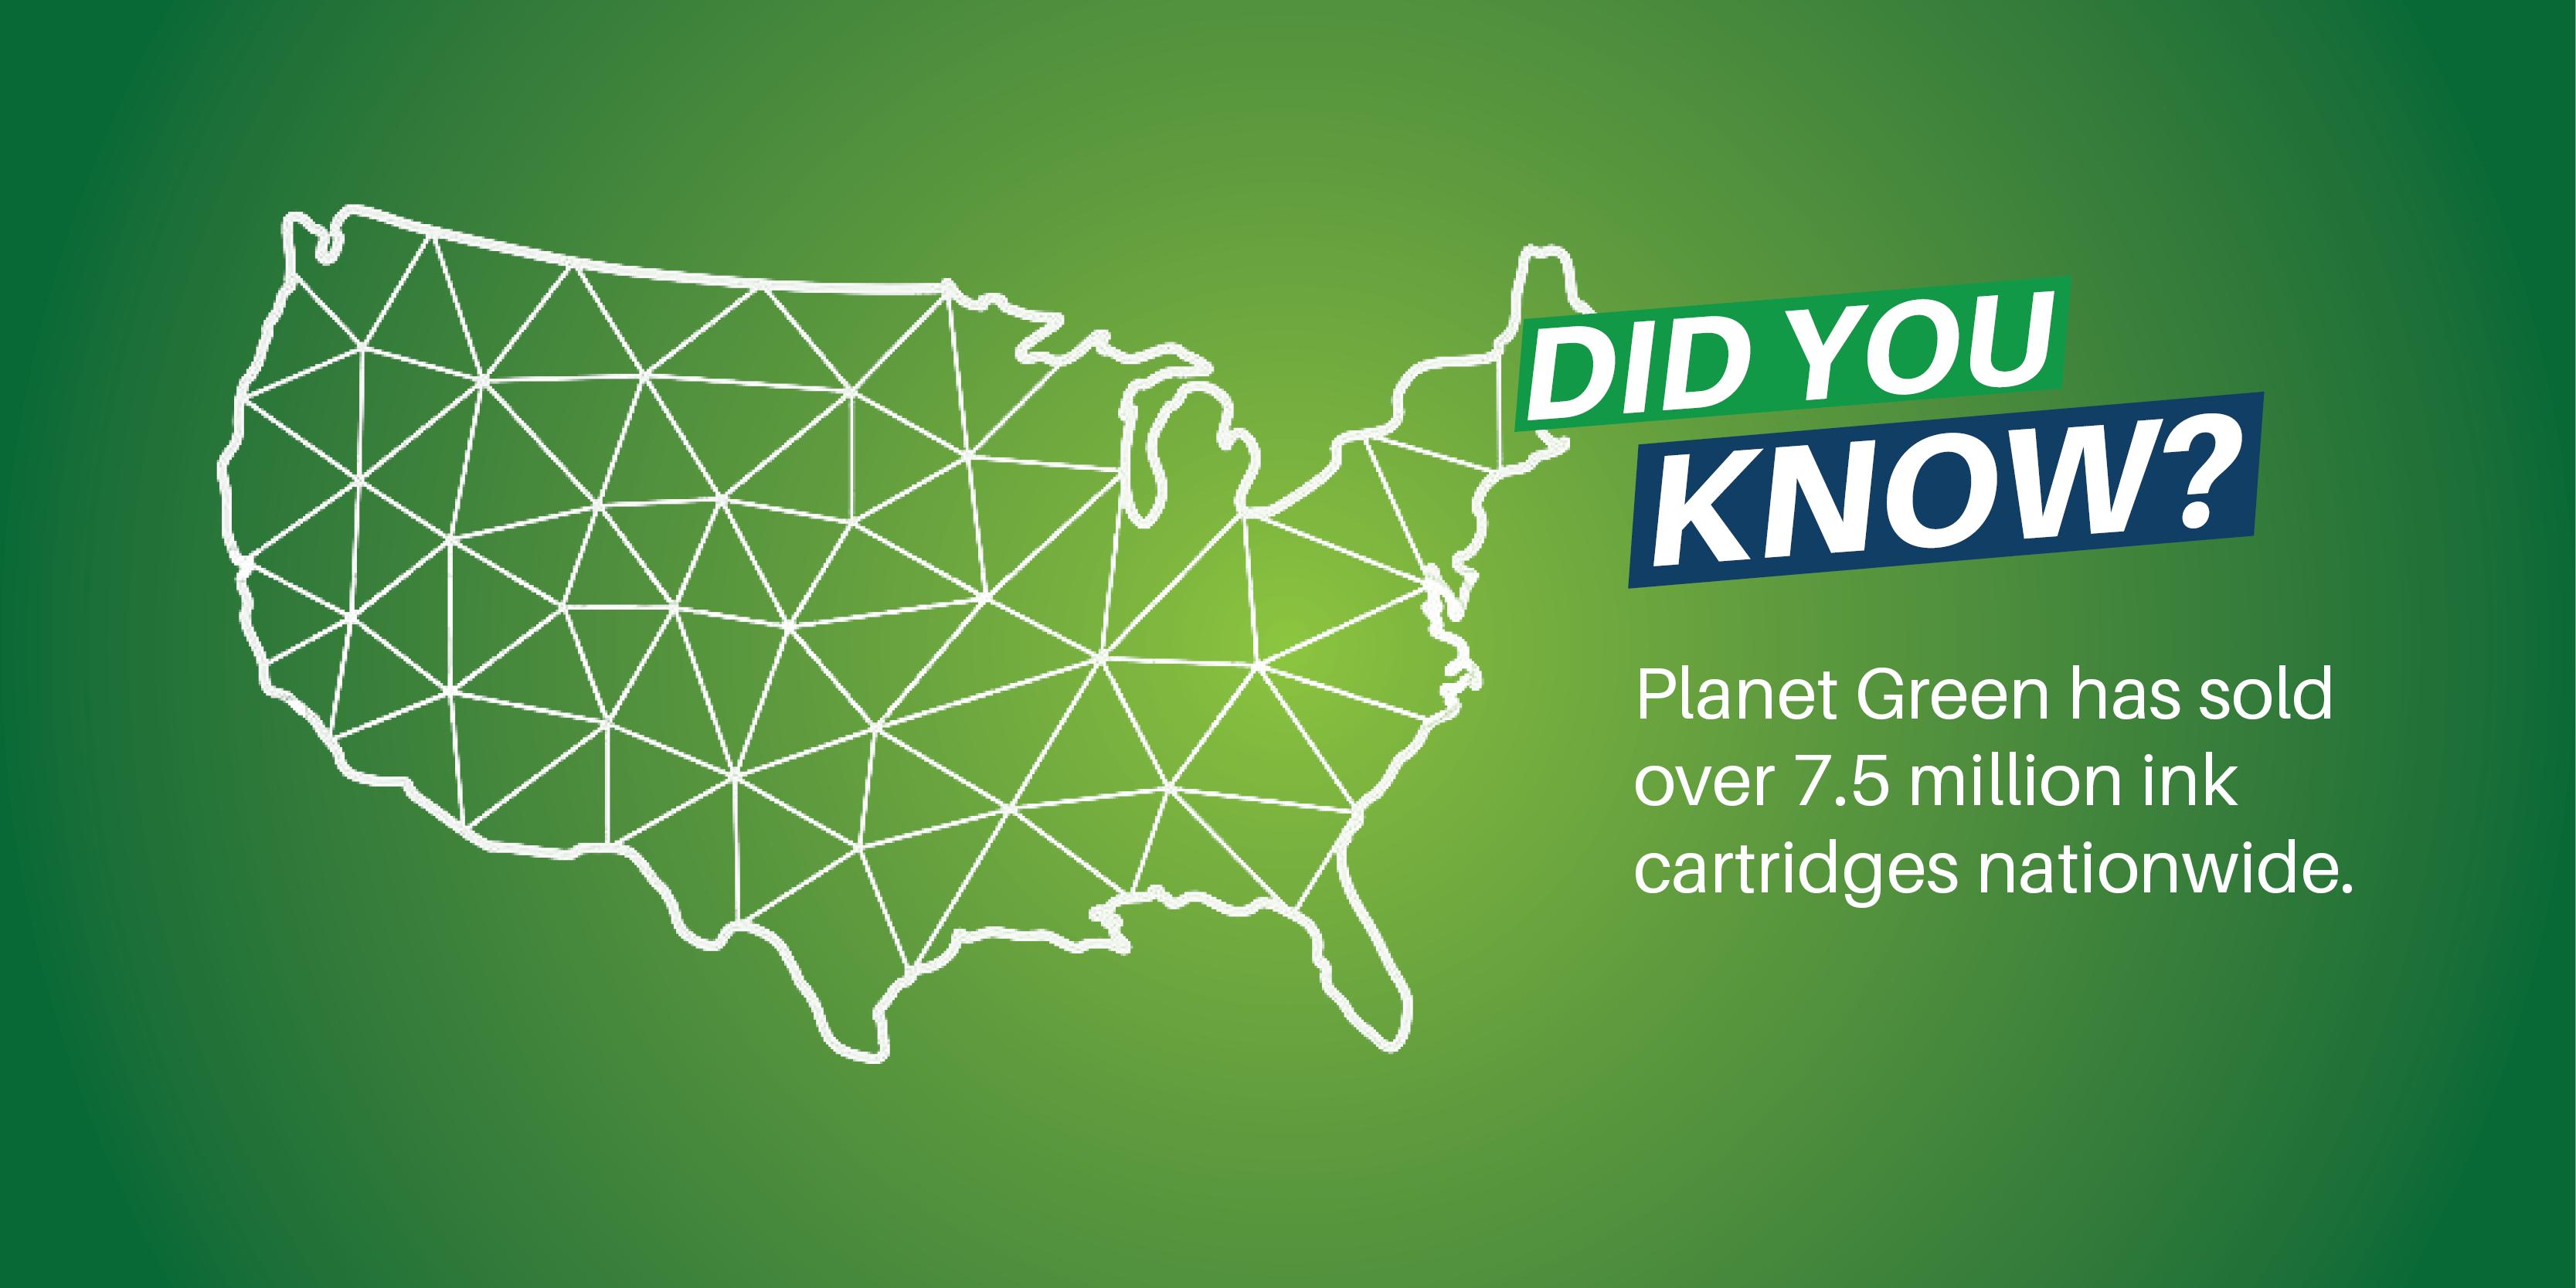 Planet Green Social Media Post